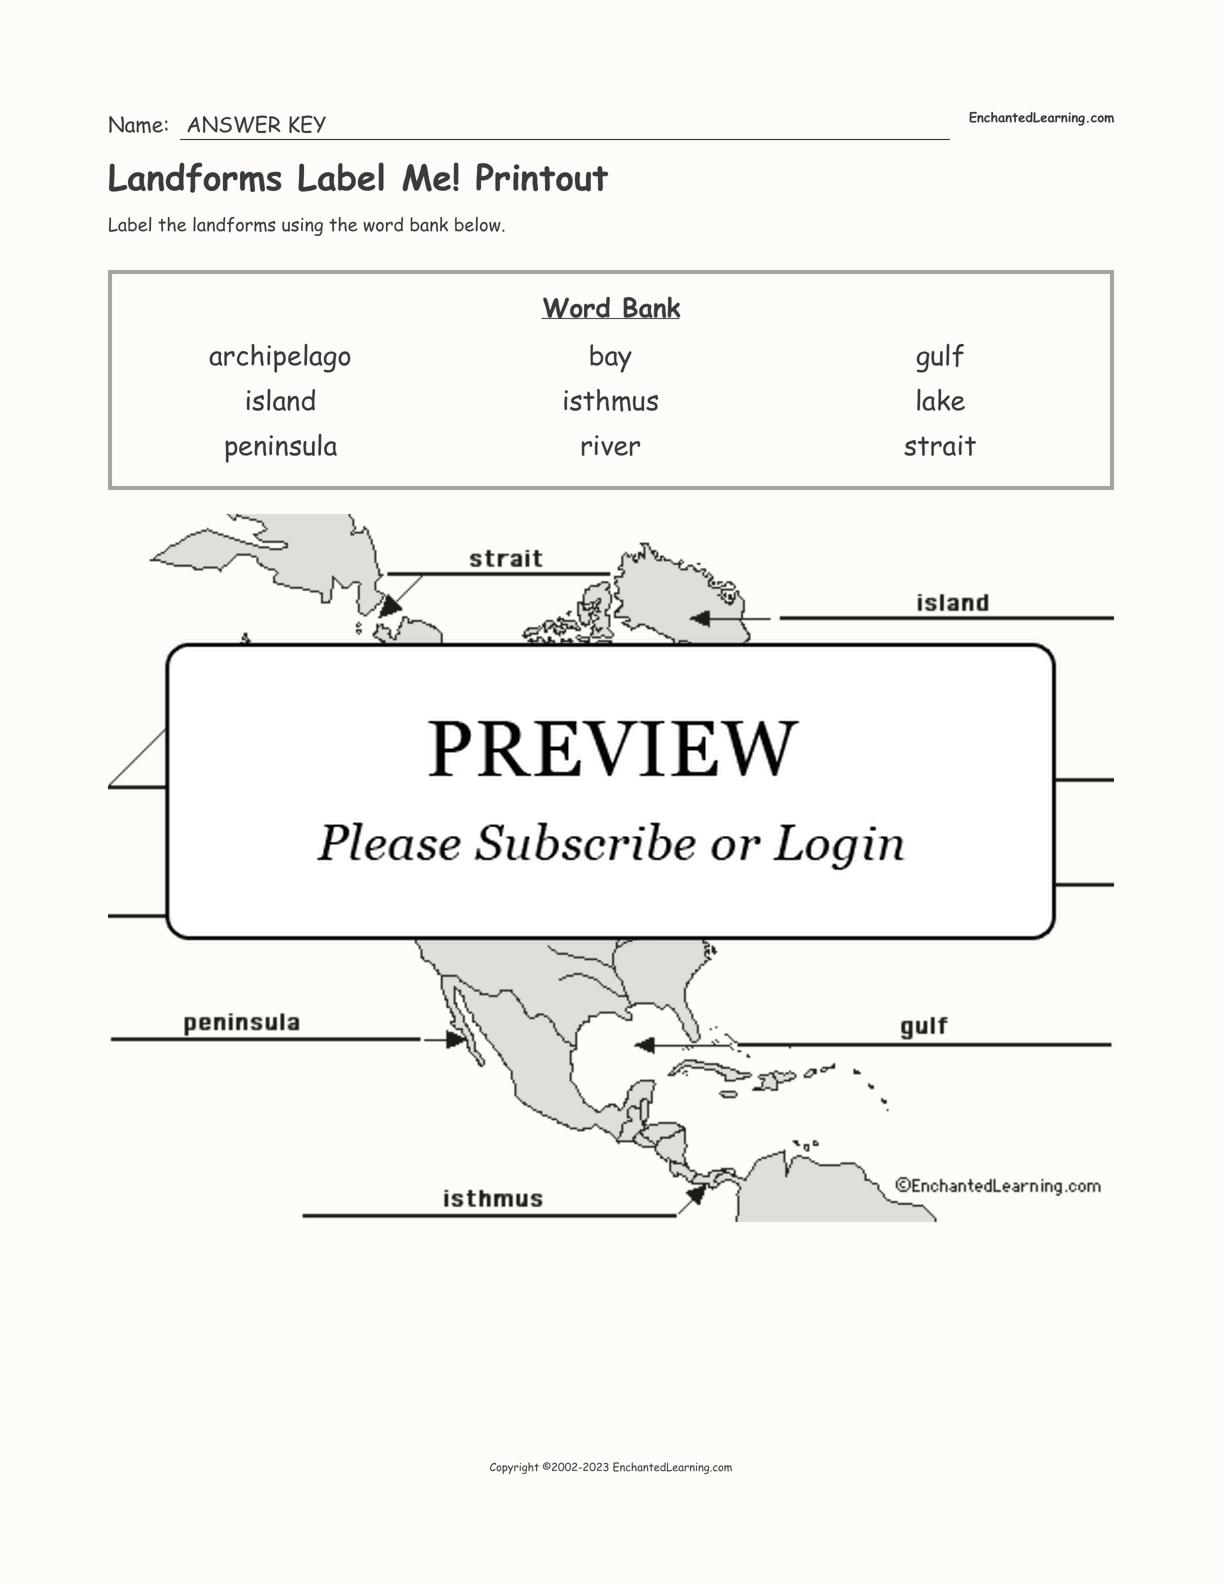 Landforms Label Me Printout